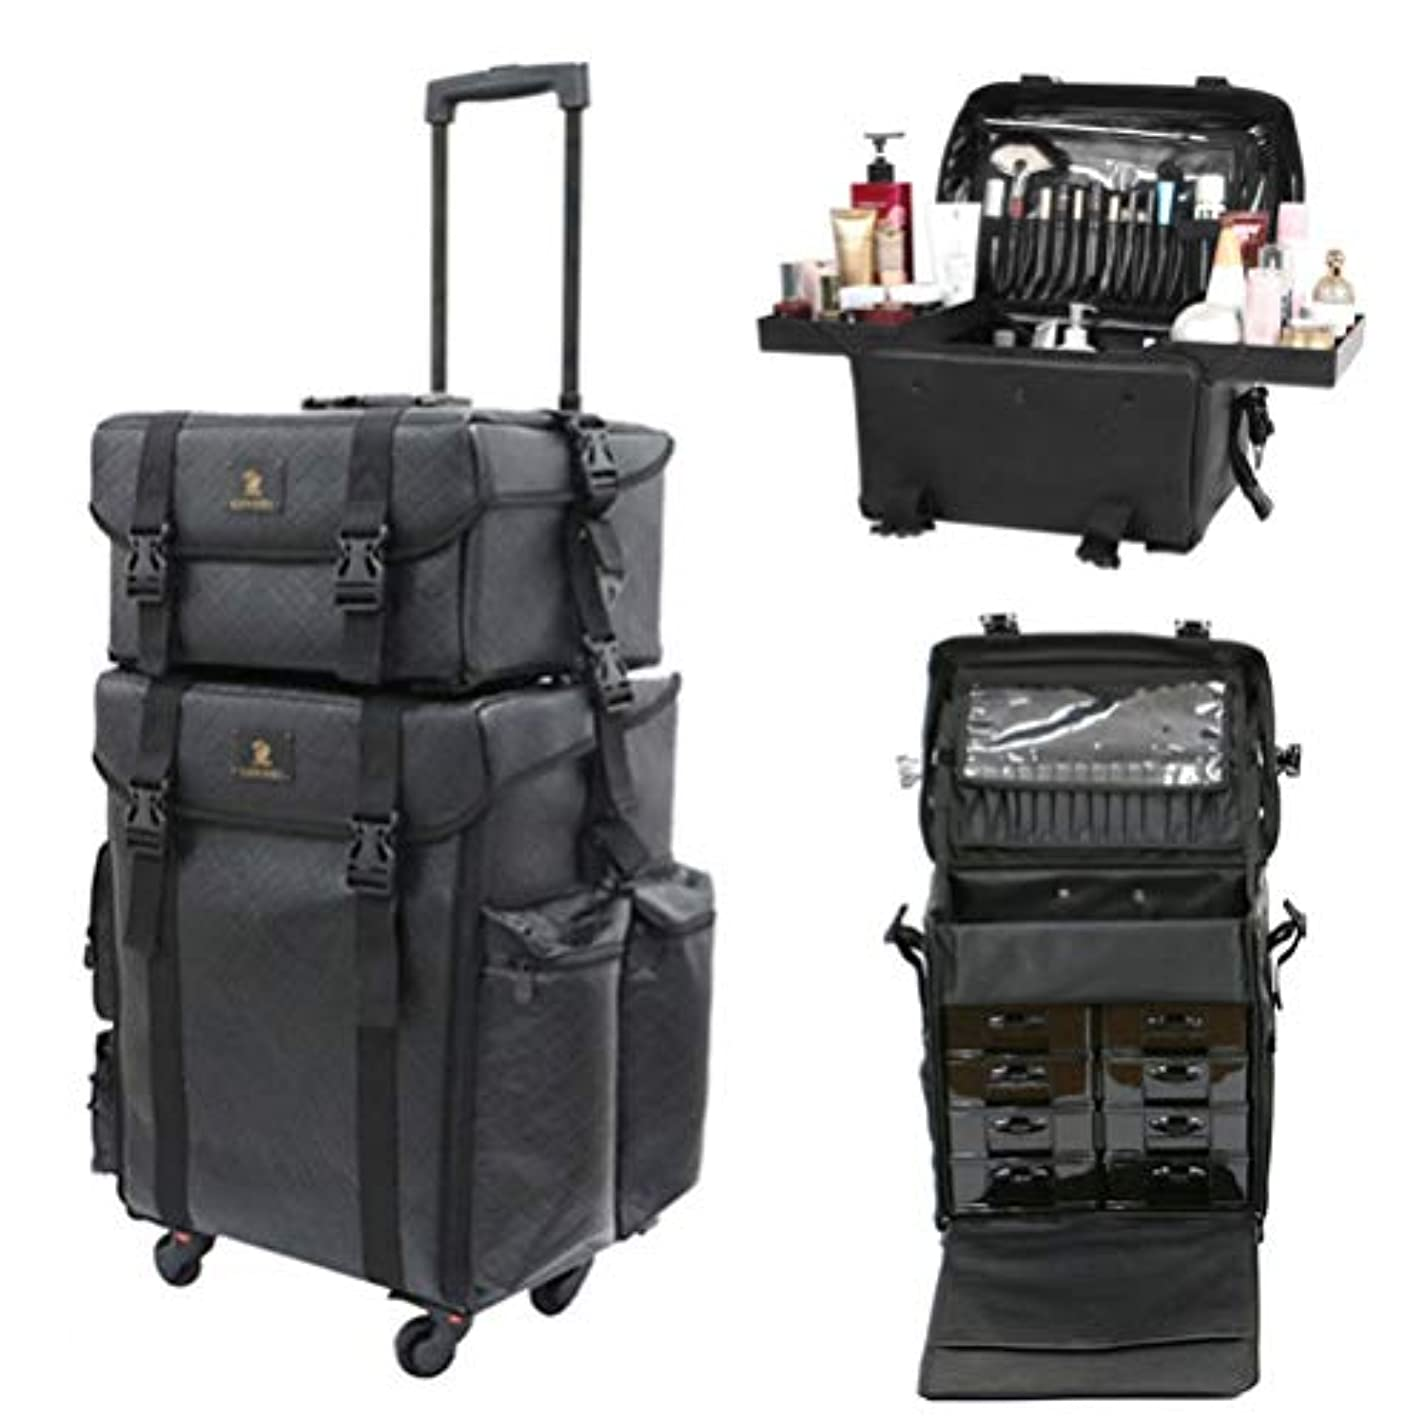 電気的つまらない起きるLUVODI メイクボックス 大容量 プロ コスメボックス 旅行 引き出し 化粧品収納 メイクキャリーケース 化粧箱 持ち運び 防水 レザー 黒